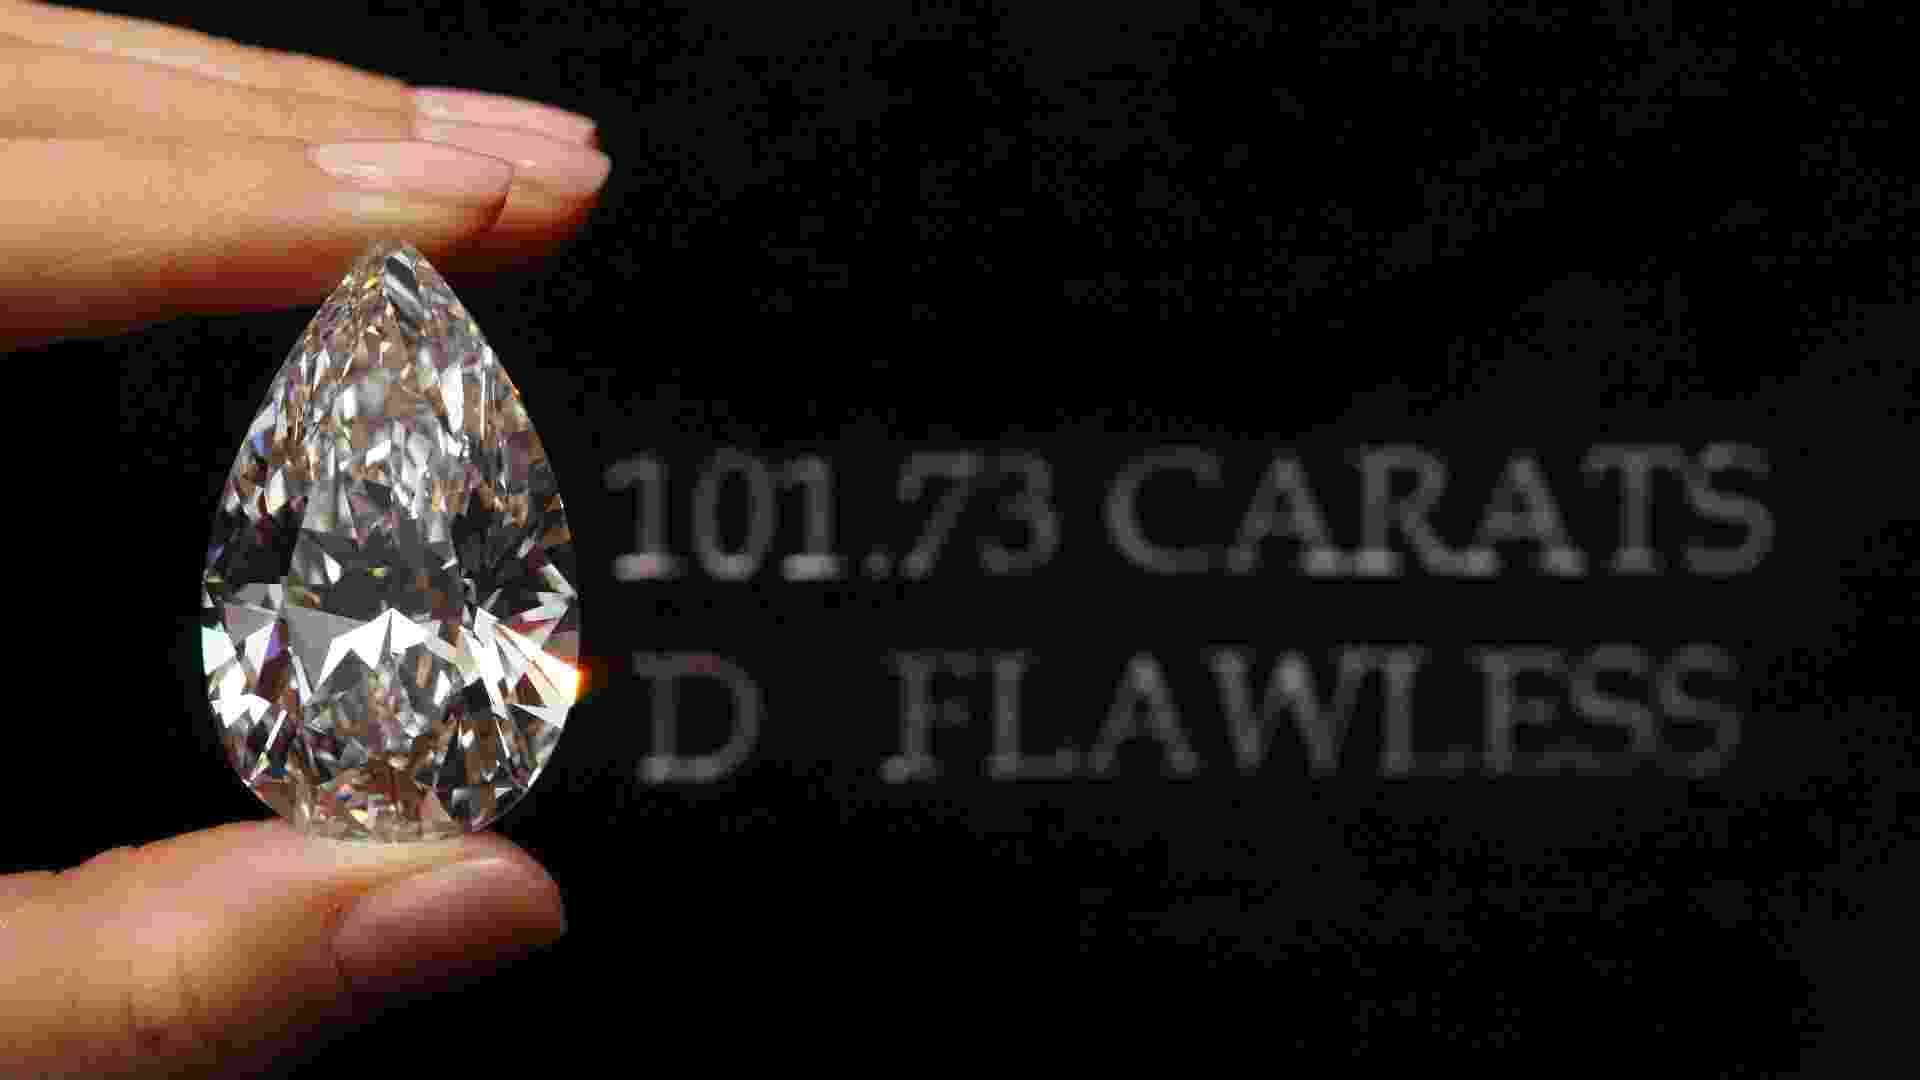 O diamante original tinha 236 quilates e foi extraído de uma mina na Botsuana. Foram necessários 21 meses para a pedra ser esculpida, segundo a Christie?s. O resultado final, um diamante perfeito com 101,73 quilates, pode ser vendido por US$ 30 milhões (cerca de R$ 60 milhões) em um leilão da Christie?s em Genebra, na Suíça, em 15 de maio - Denis Balibouse/Reuters